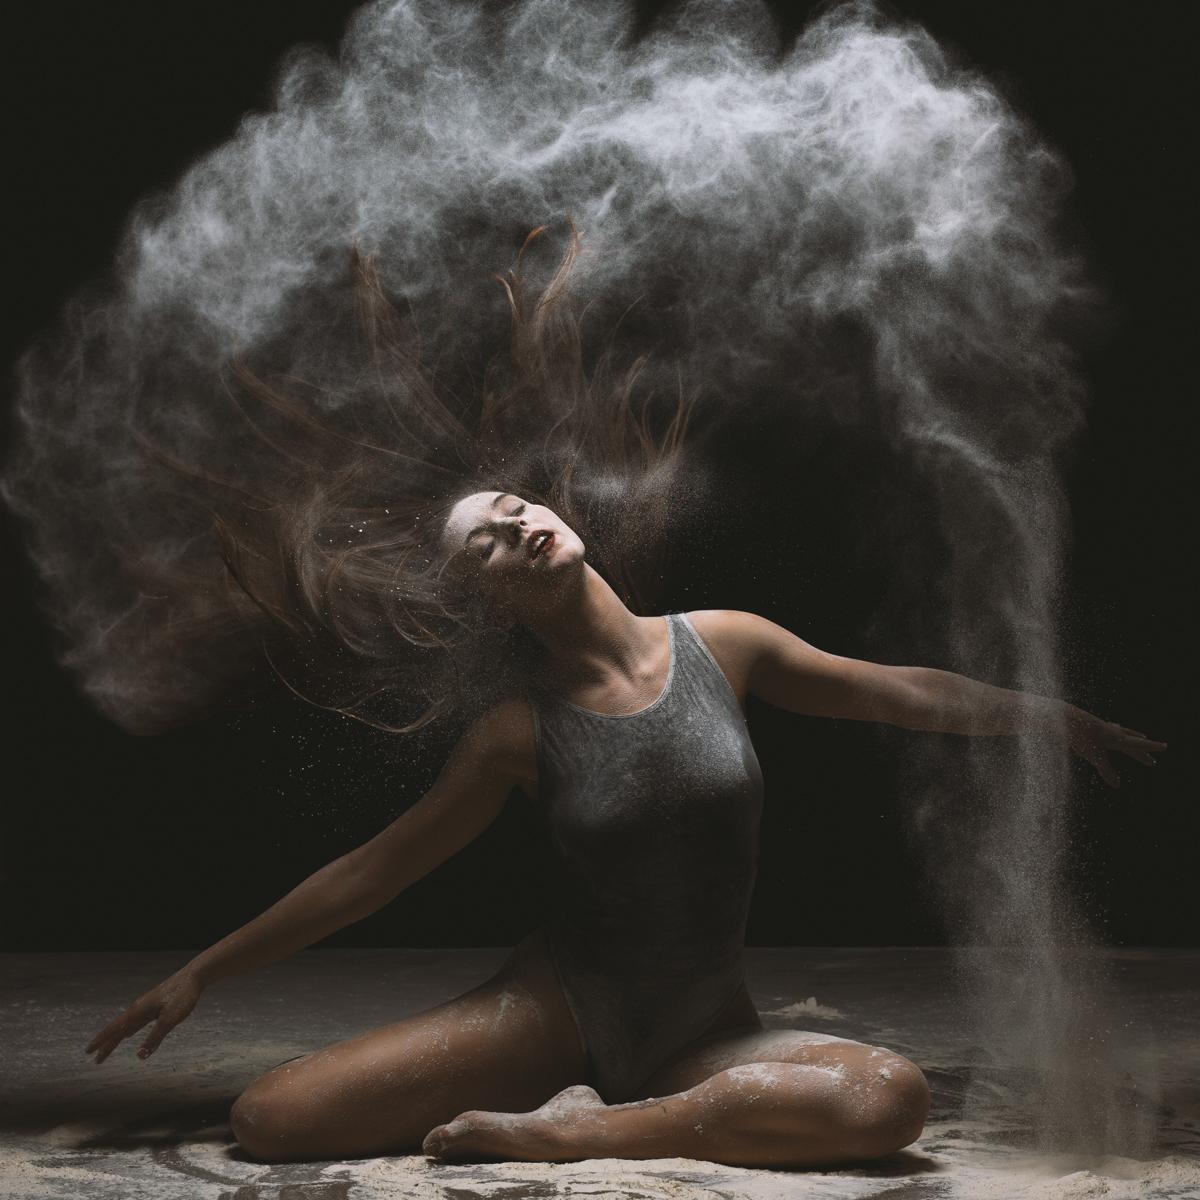 Fotografía creativa - Sesiones de fotografía creativa y de fantasía   Valencia